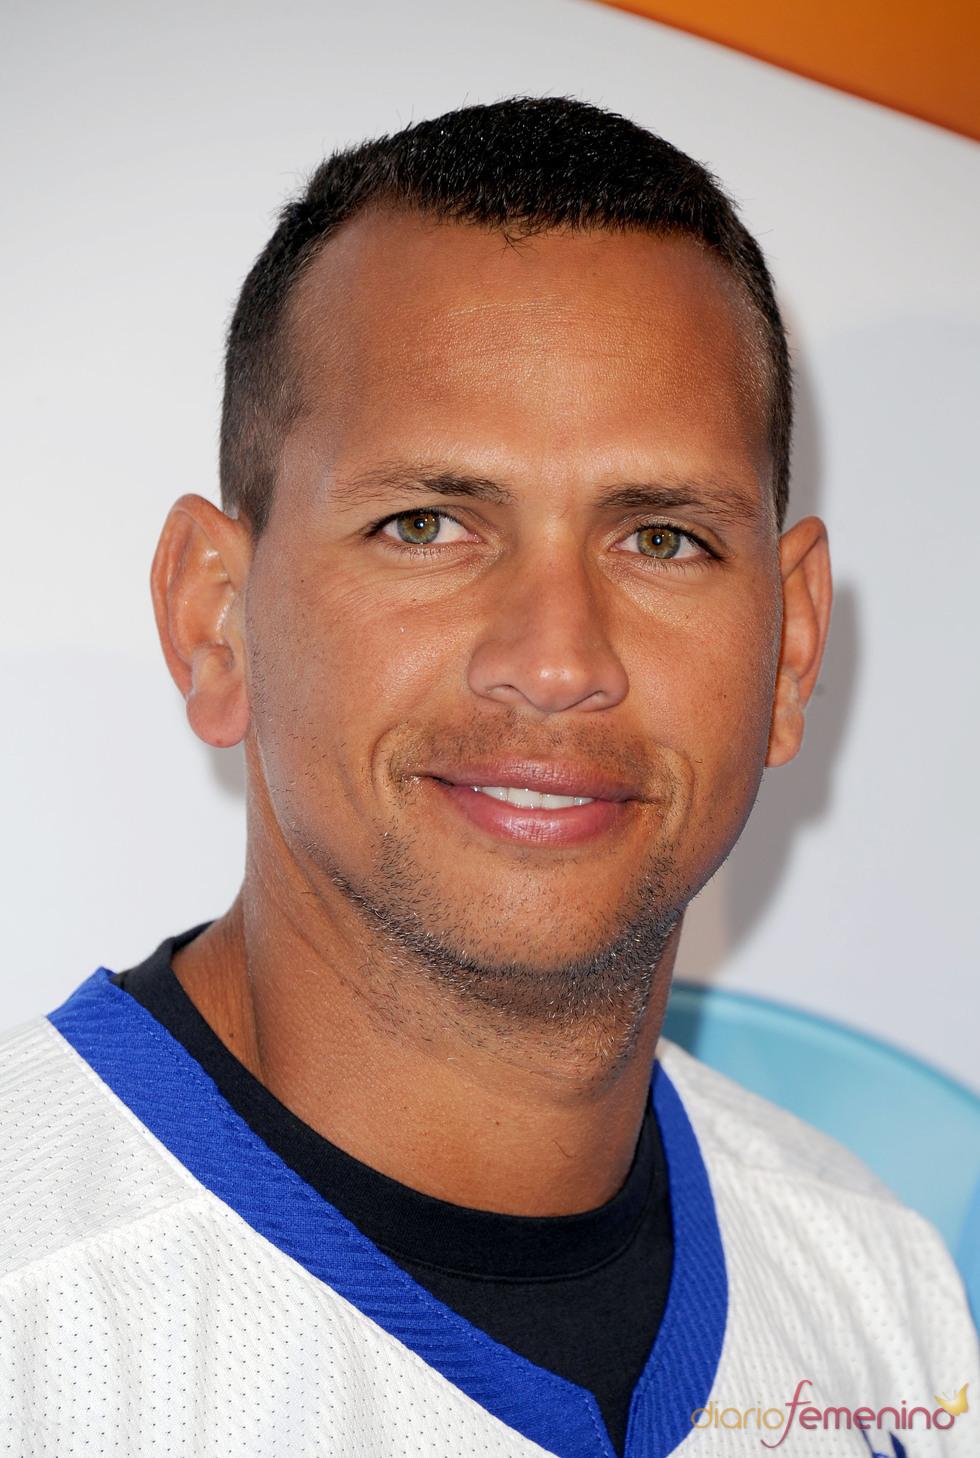 El jugador de béisbol Álex Rodríguez